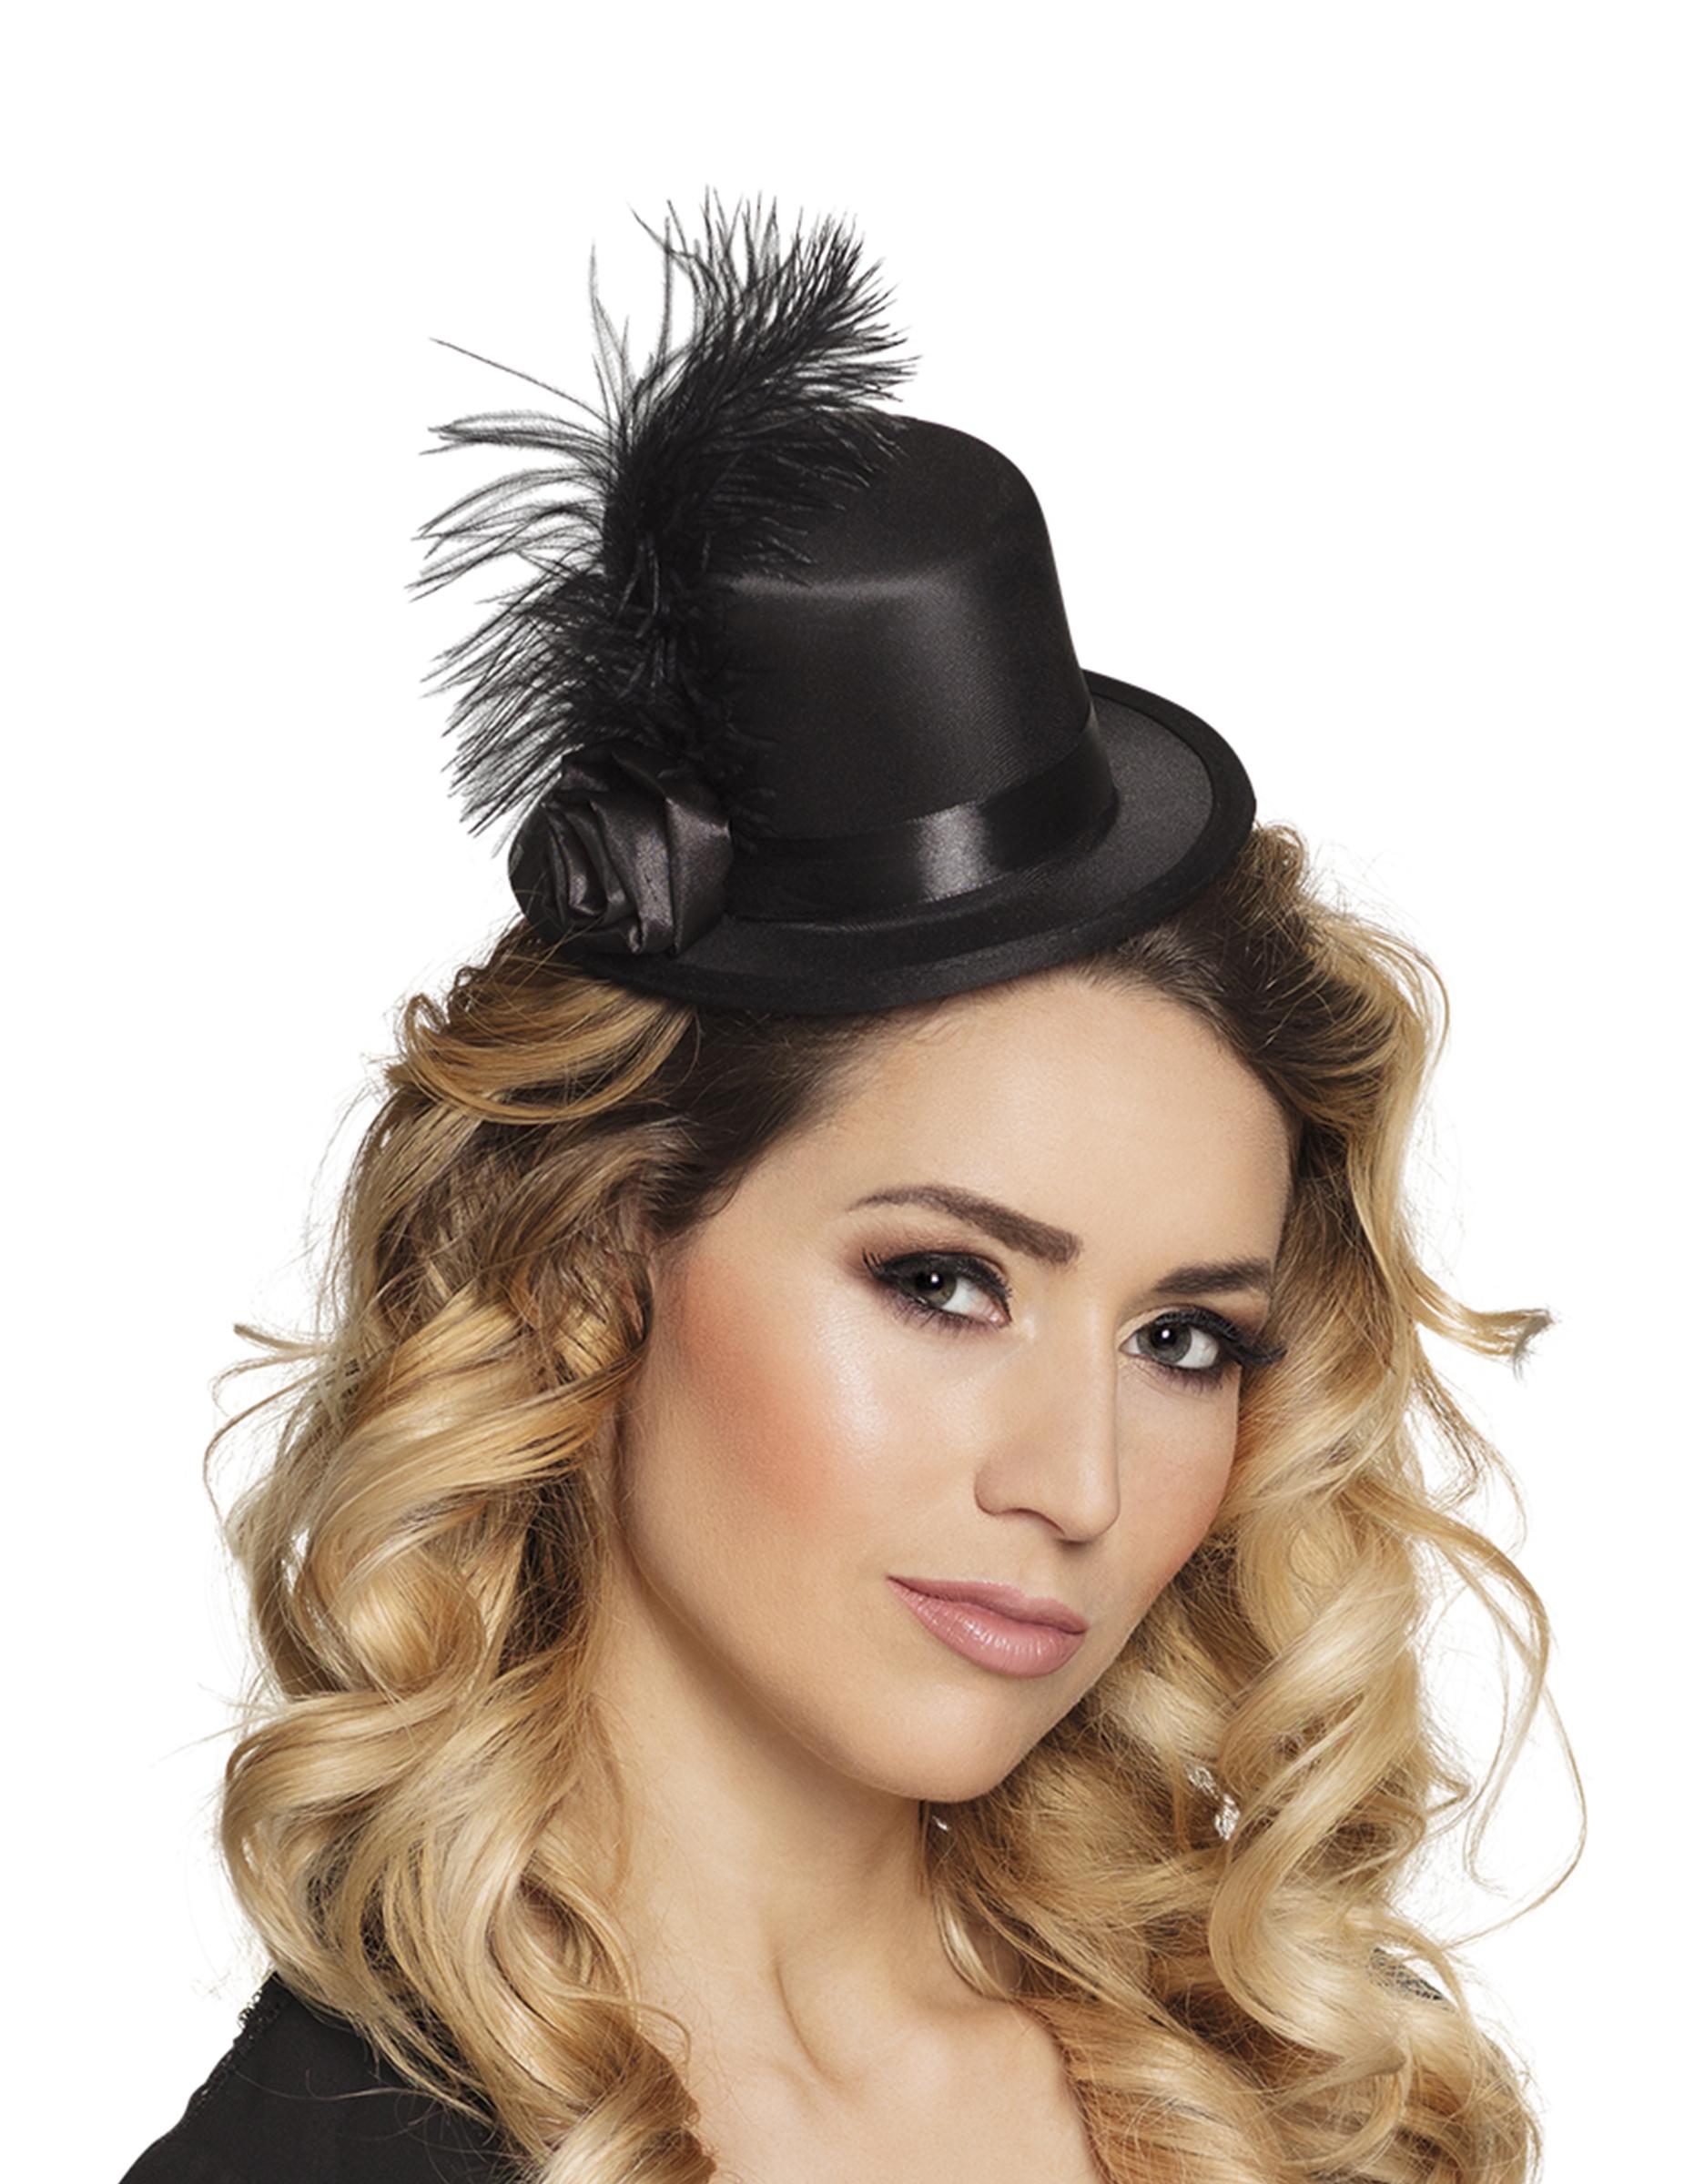 #Mini-Zylinder im 20er-Jahre Stil glamouröse Kopfbedeckung schwarz#